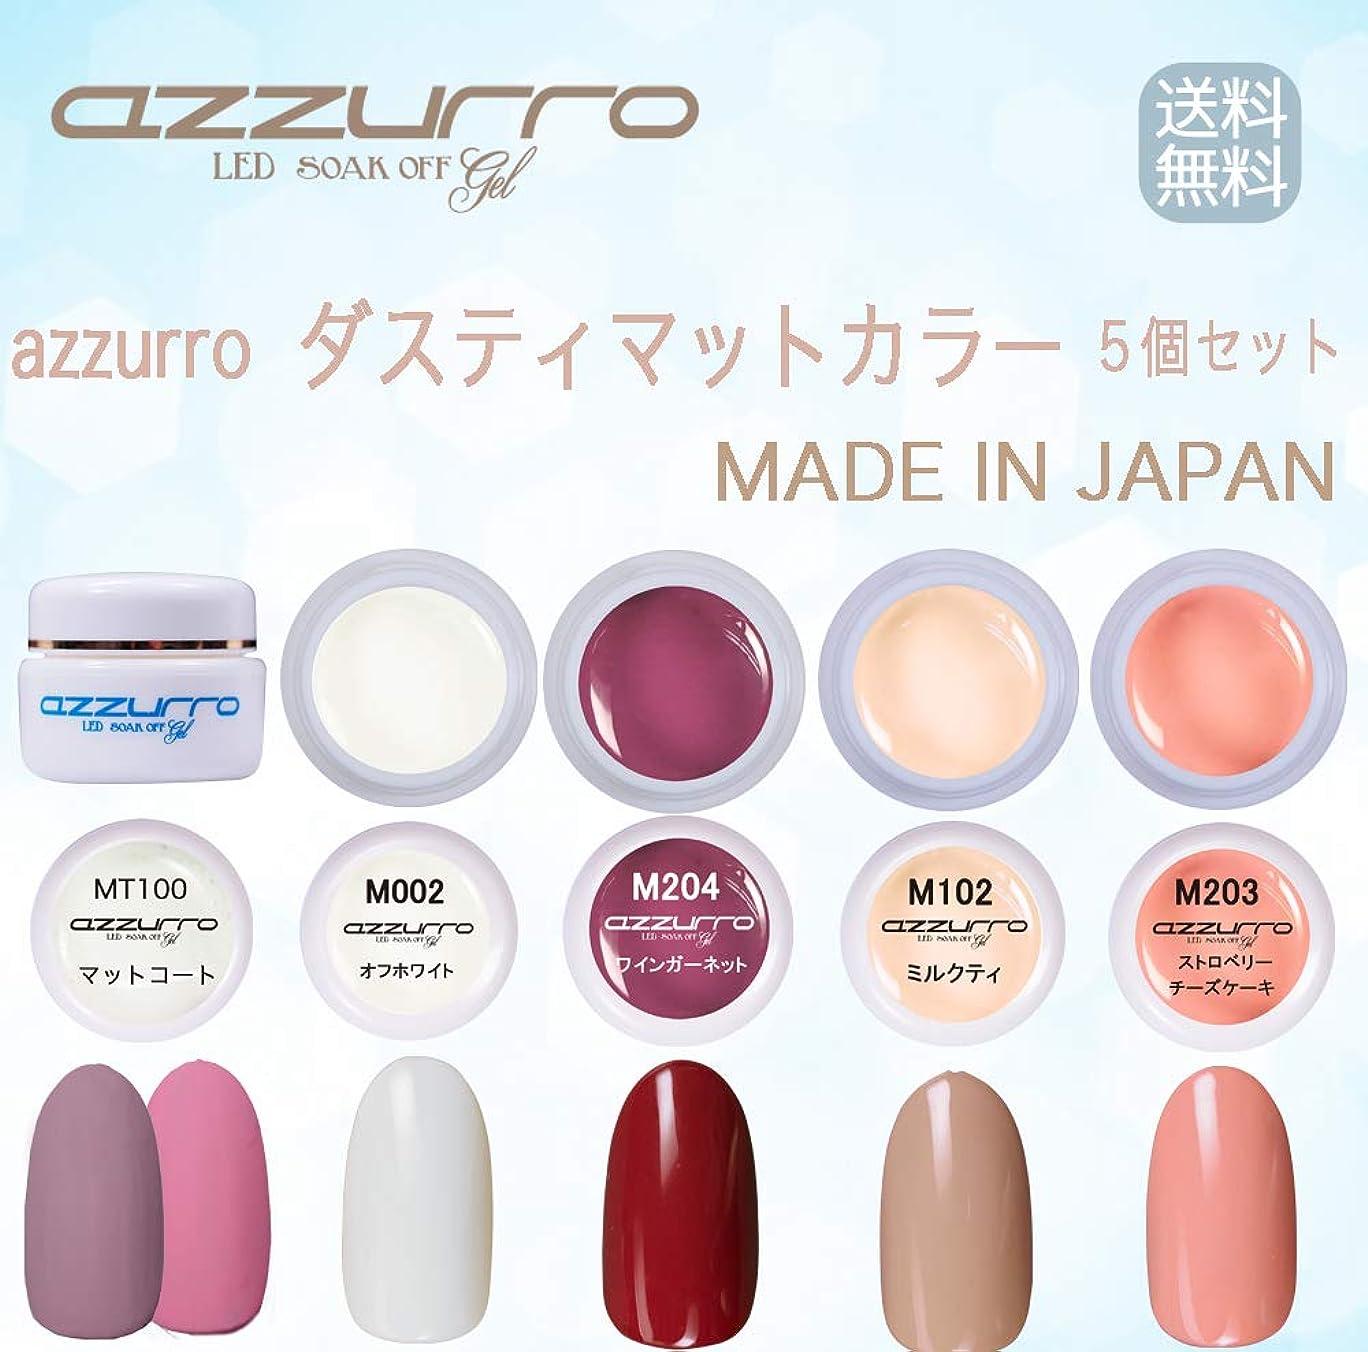 モニカトムオードリース音【送料無料】日本製 azzurro gel ダスティマットカラージェル5個セット 春ネイルにぴったりなダスティなマットカラー